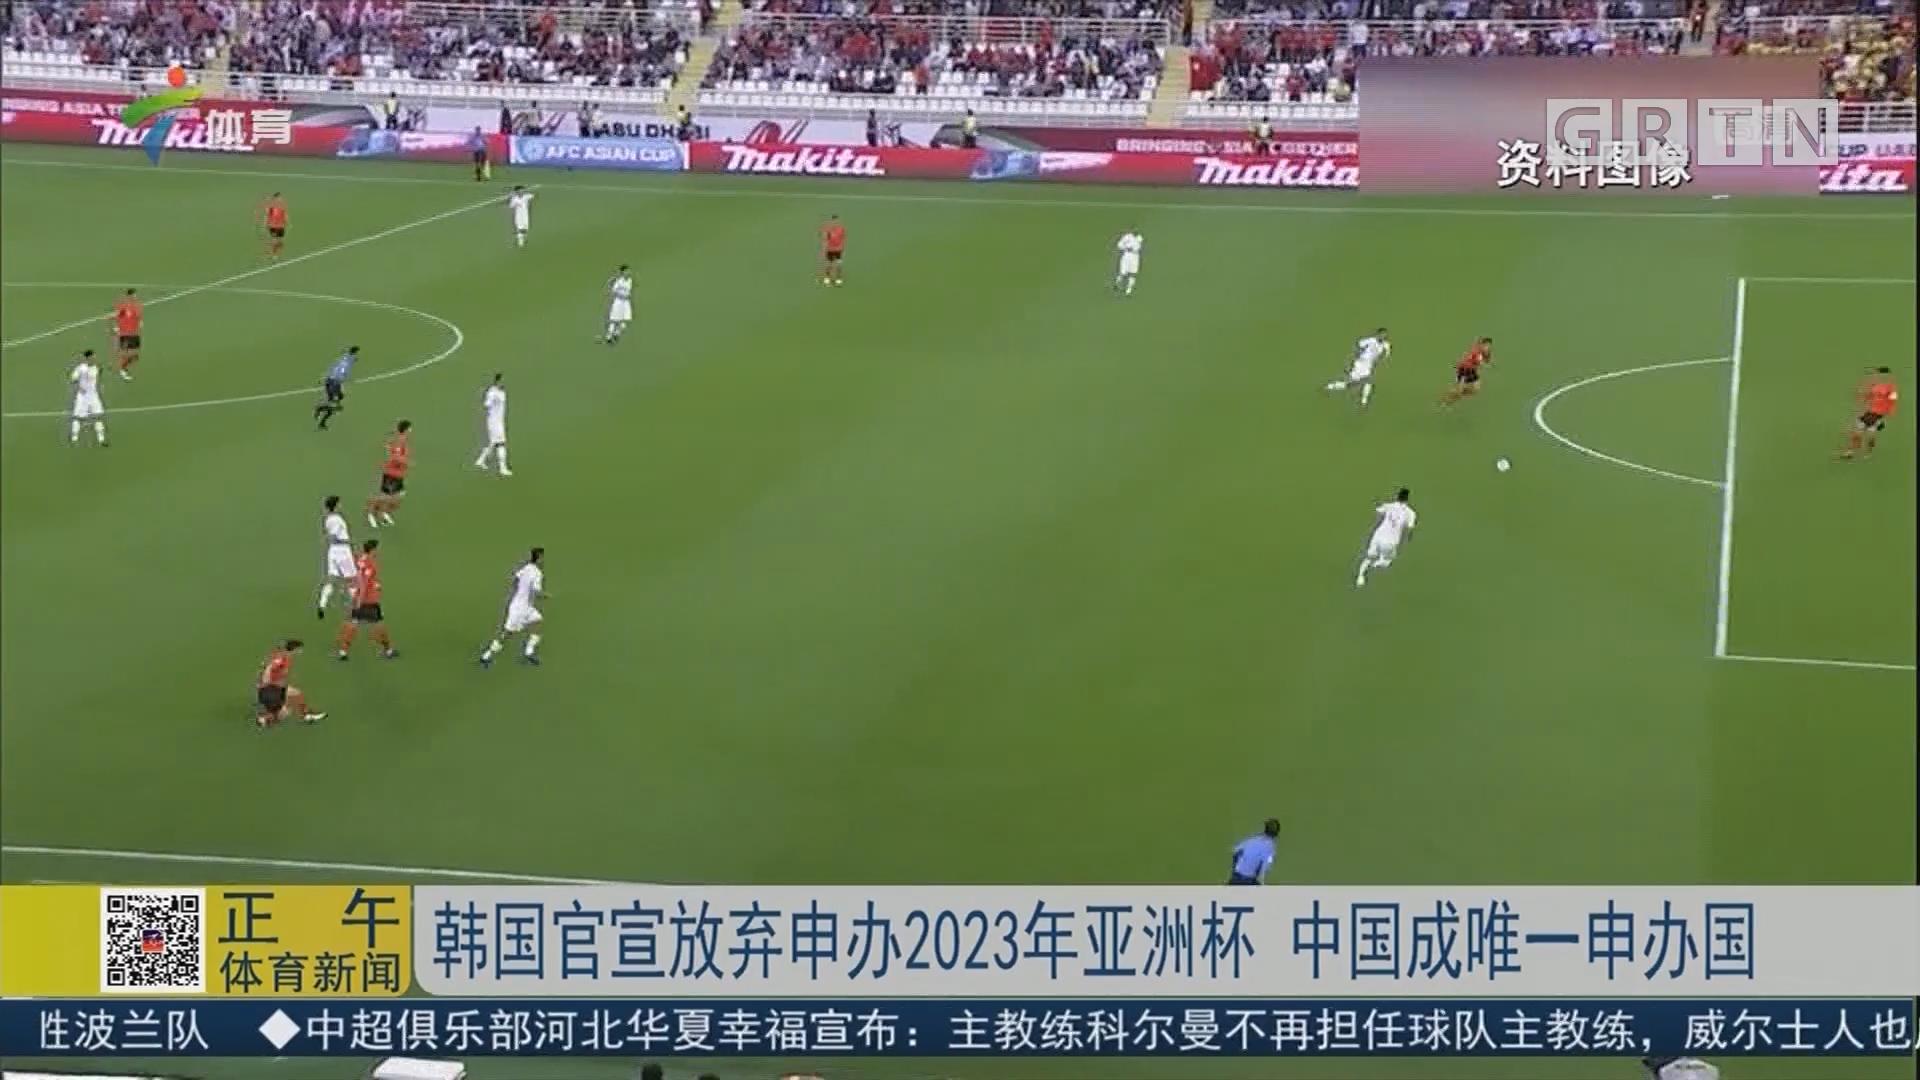 韩国官宣放弃申办2023年亚洲杯 中国成唯一申办国